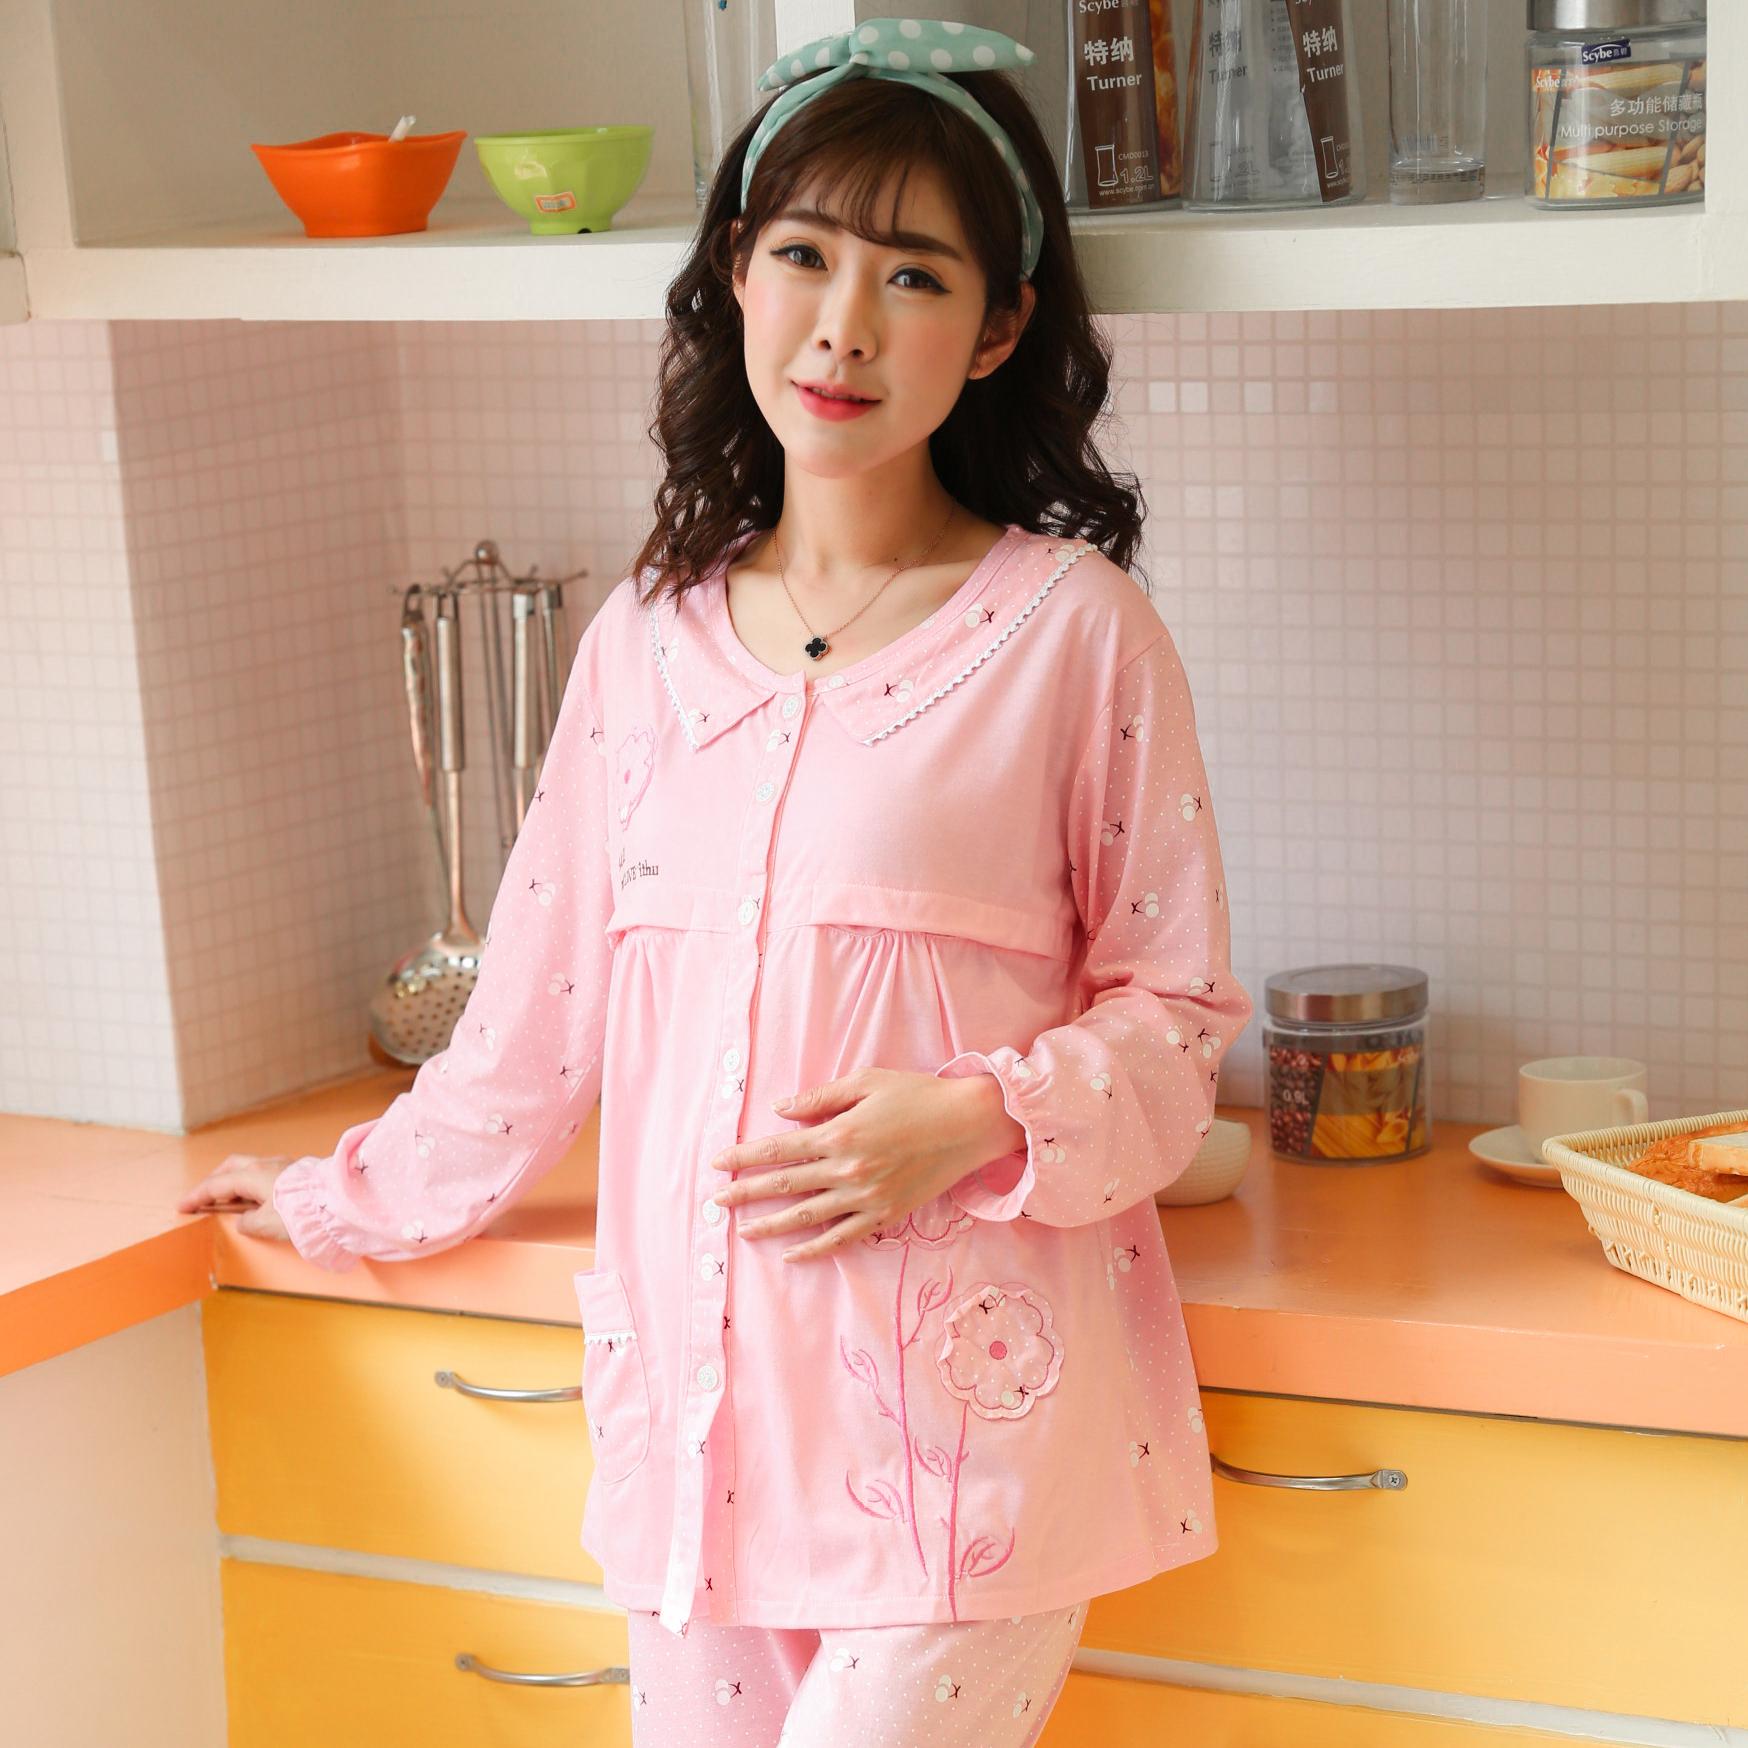 春夏季薄款纯棉月子服孕妇睡衣产后喂奶衣外出哺乳衣